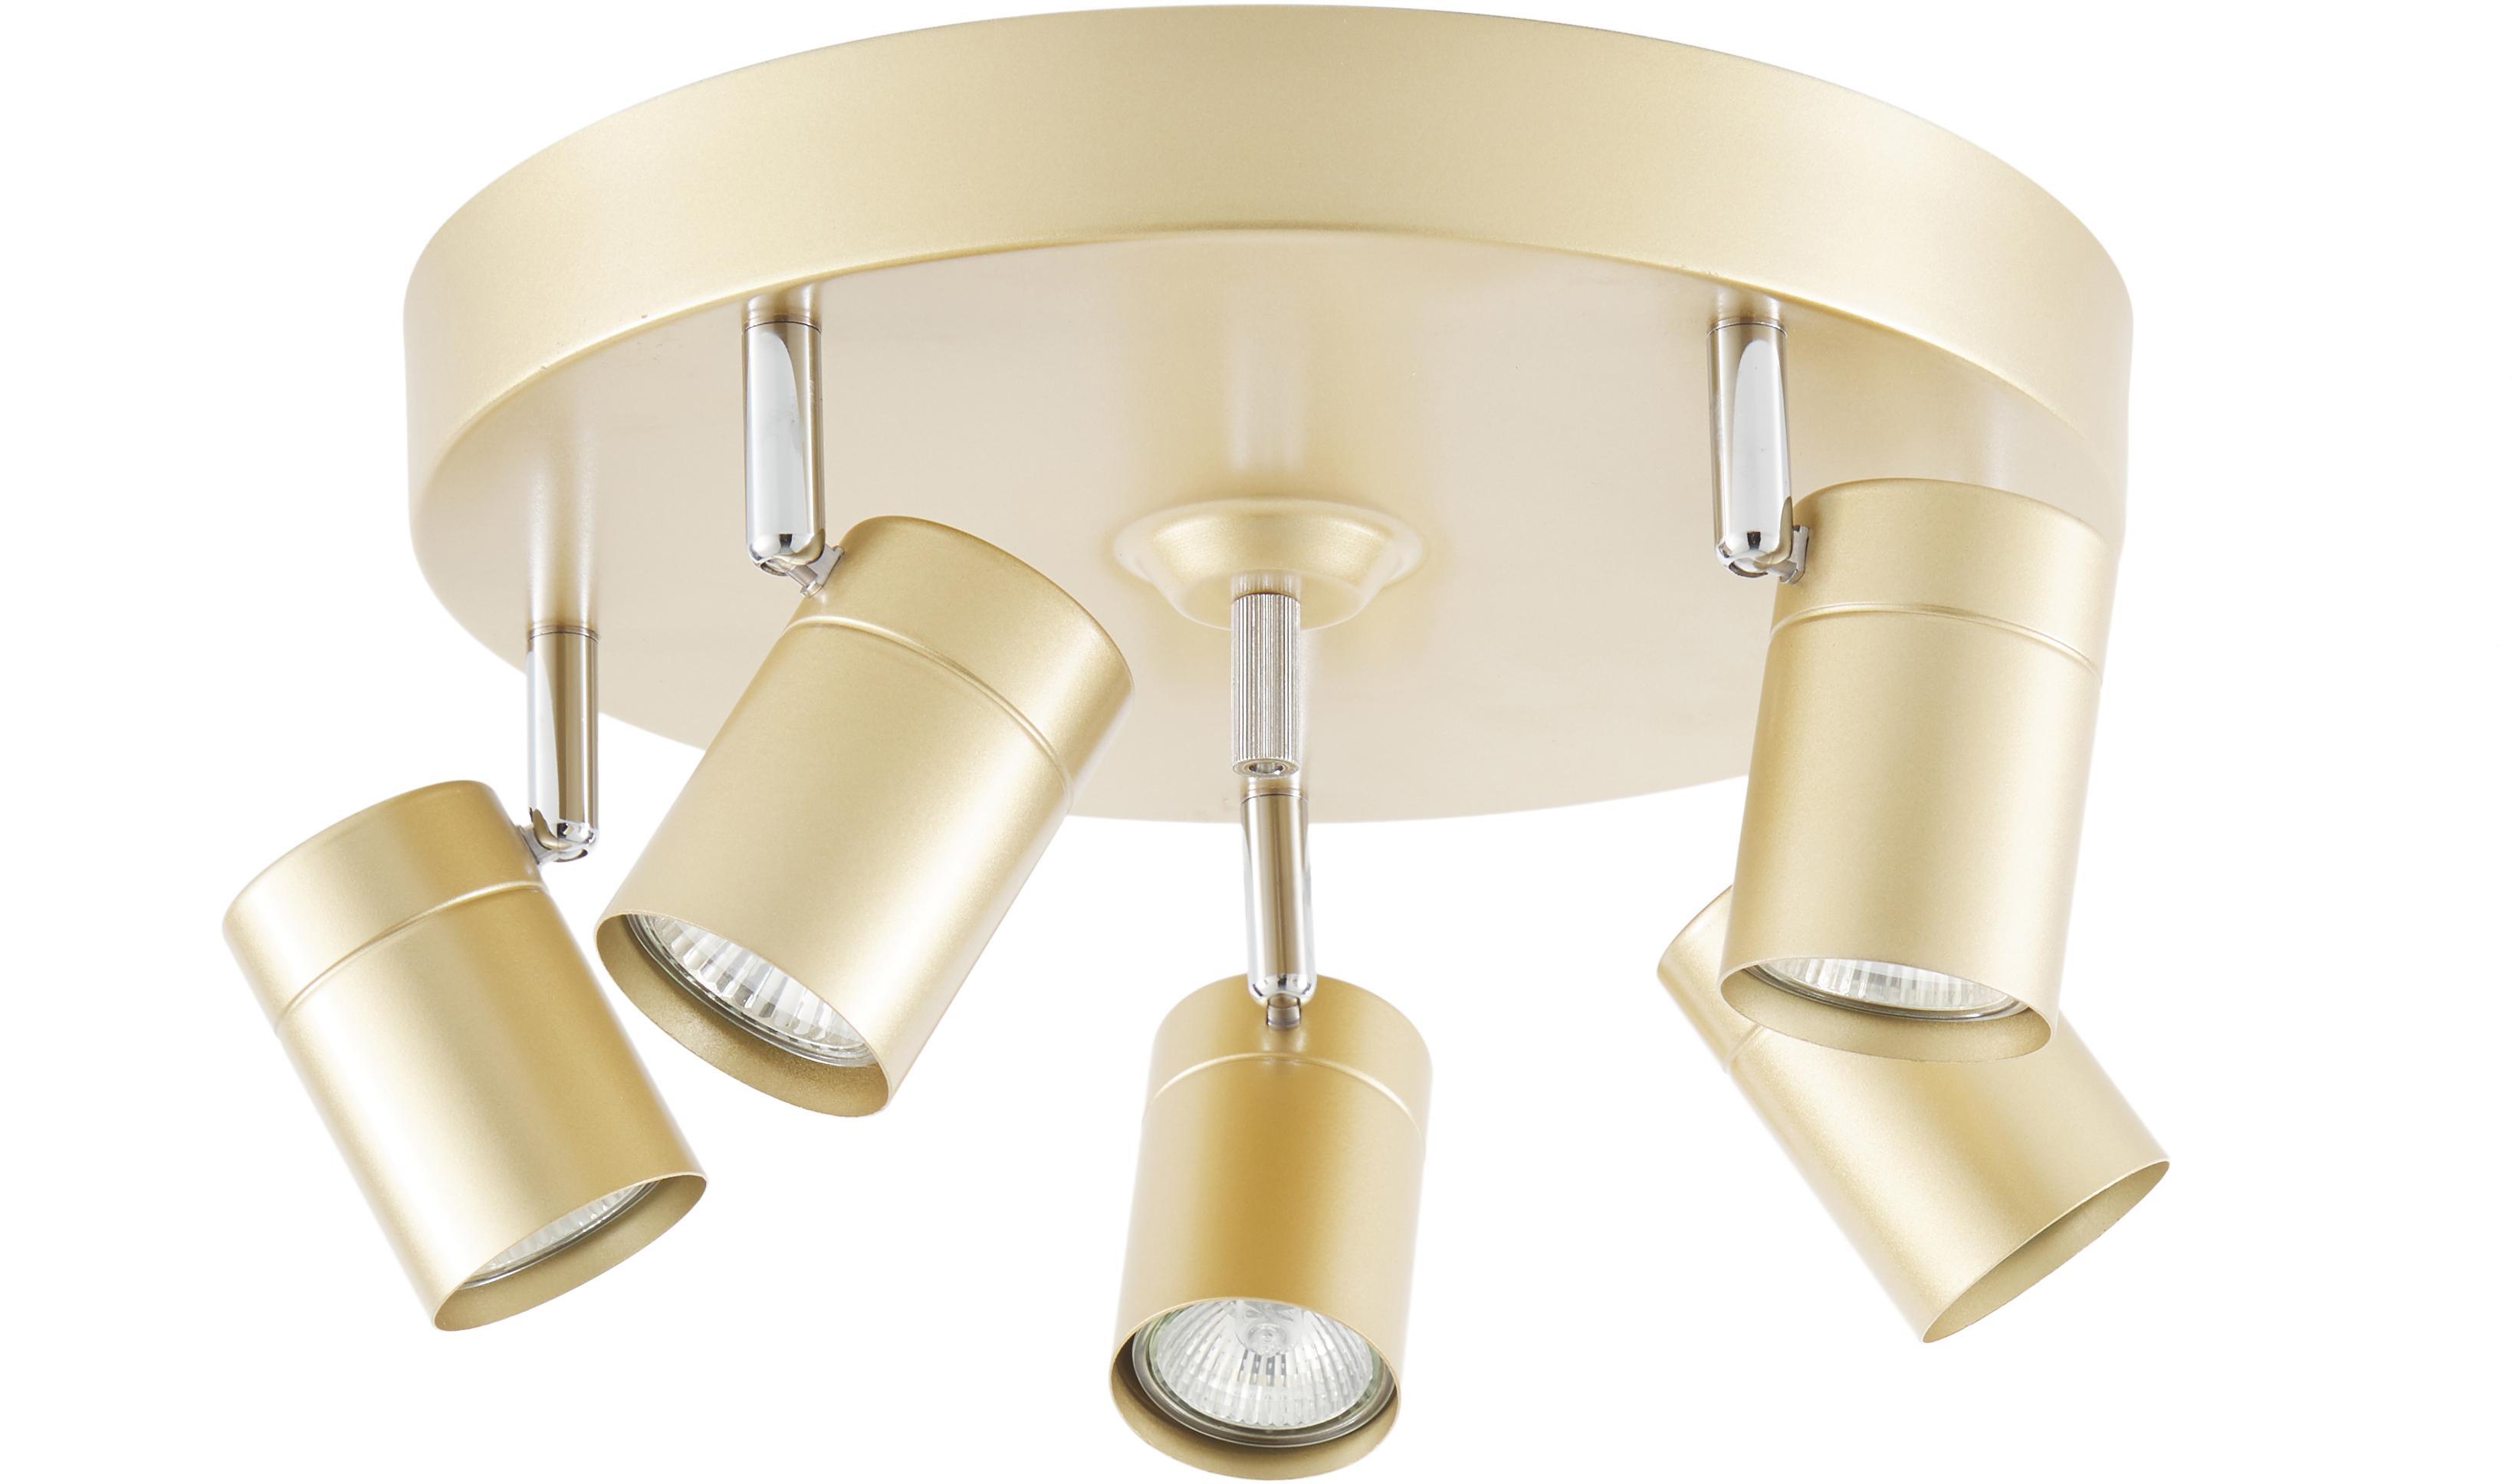 Lampa sufitowa Correct, Stelaż: metal powlekany, Odcienie złotego, Ø 30 x W 14 cm